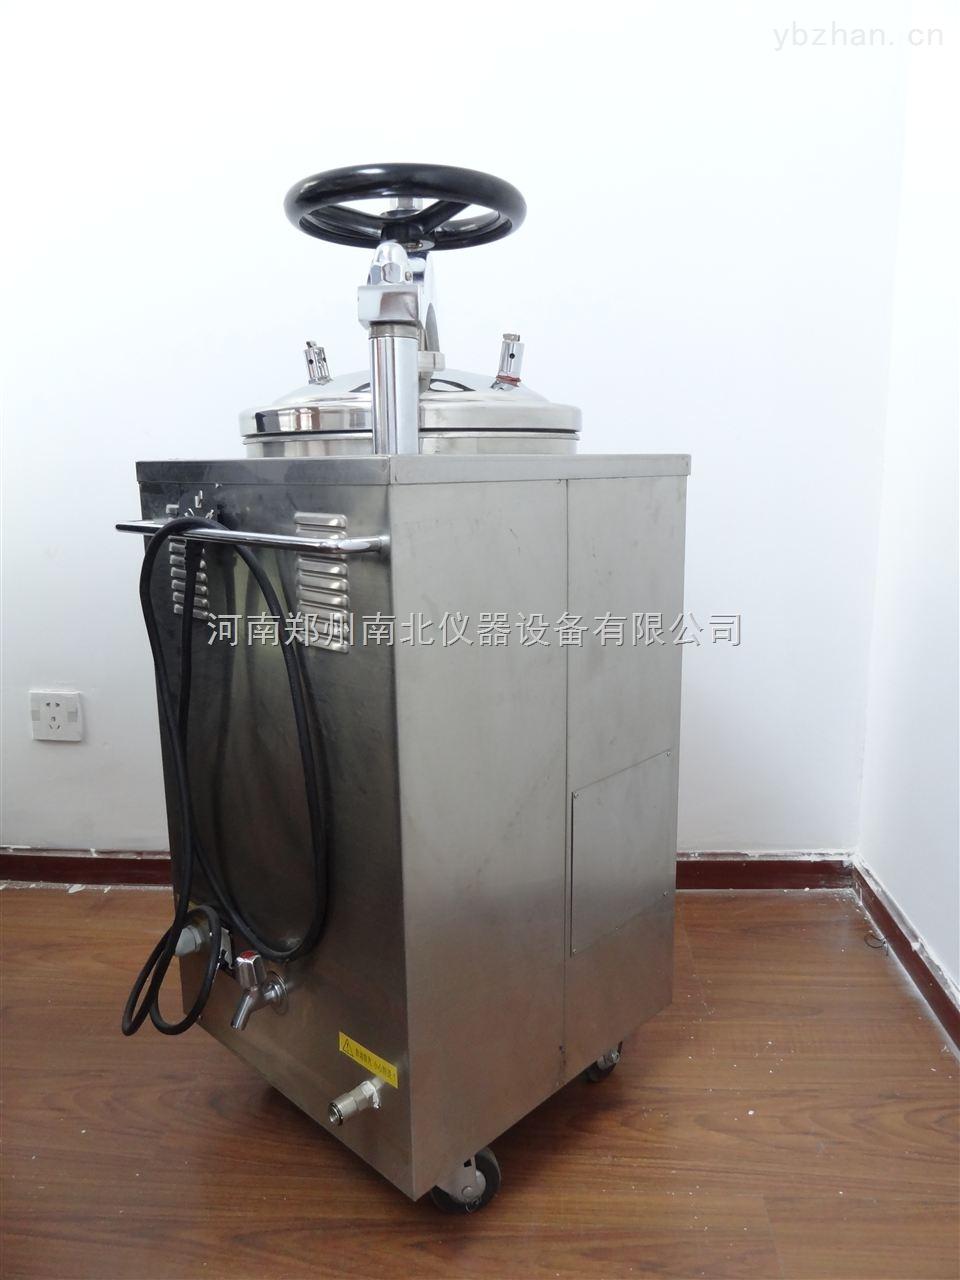 立式蒸汽壓力滅菌器